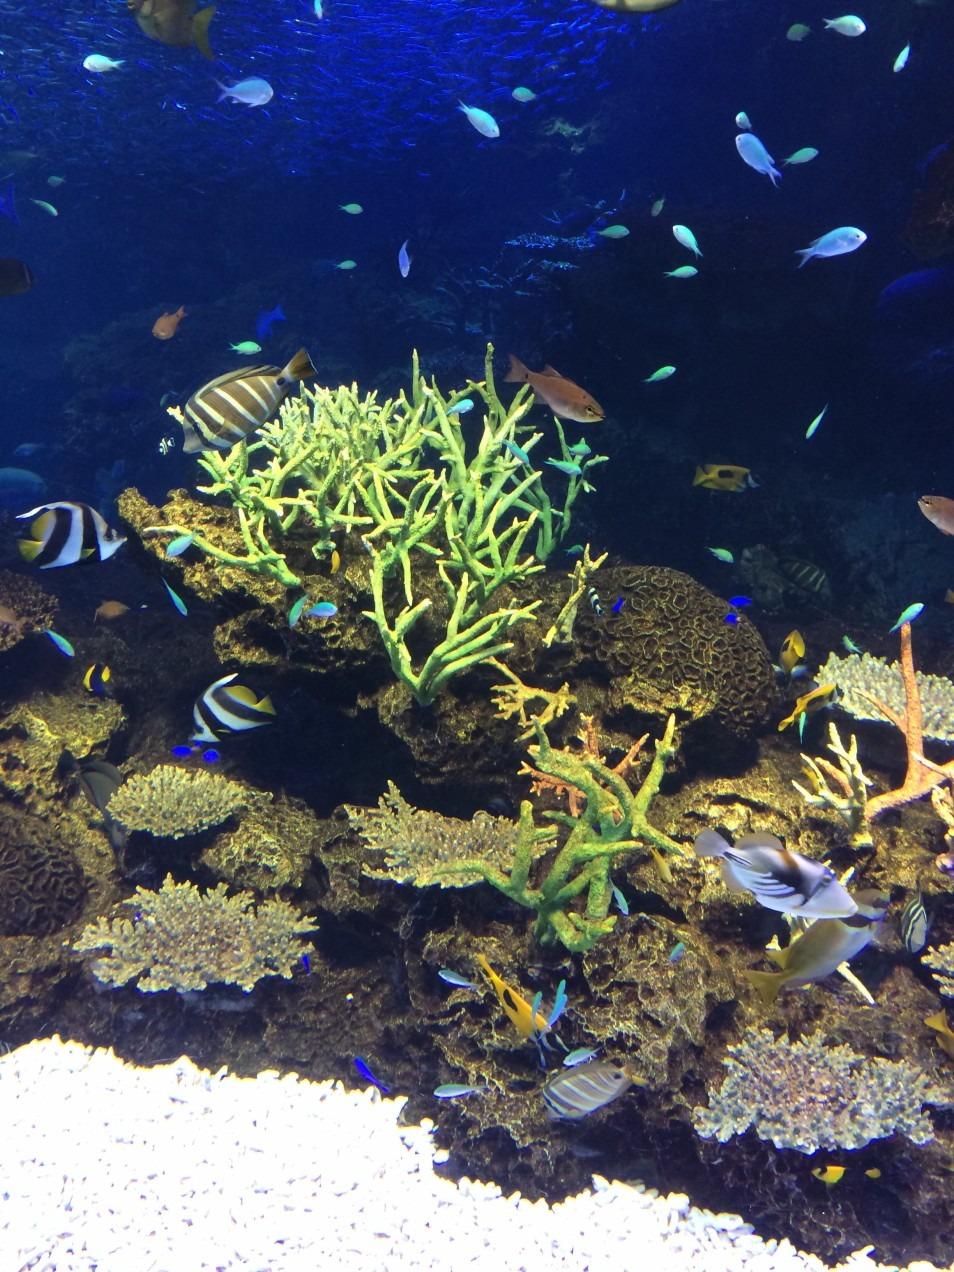 魚やサンゴが美しい透き通った海の中の美しい壁紙・高画質画像まとめ!